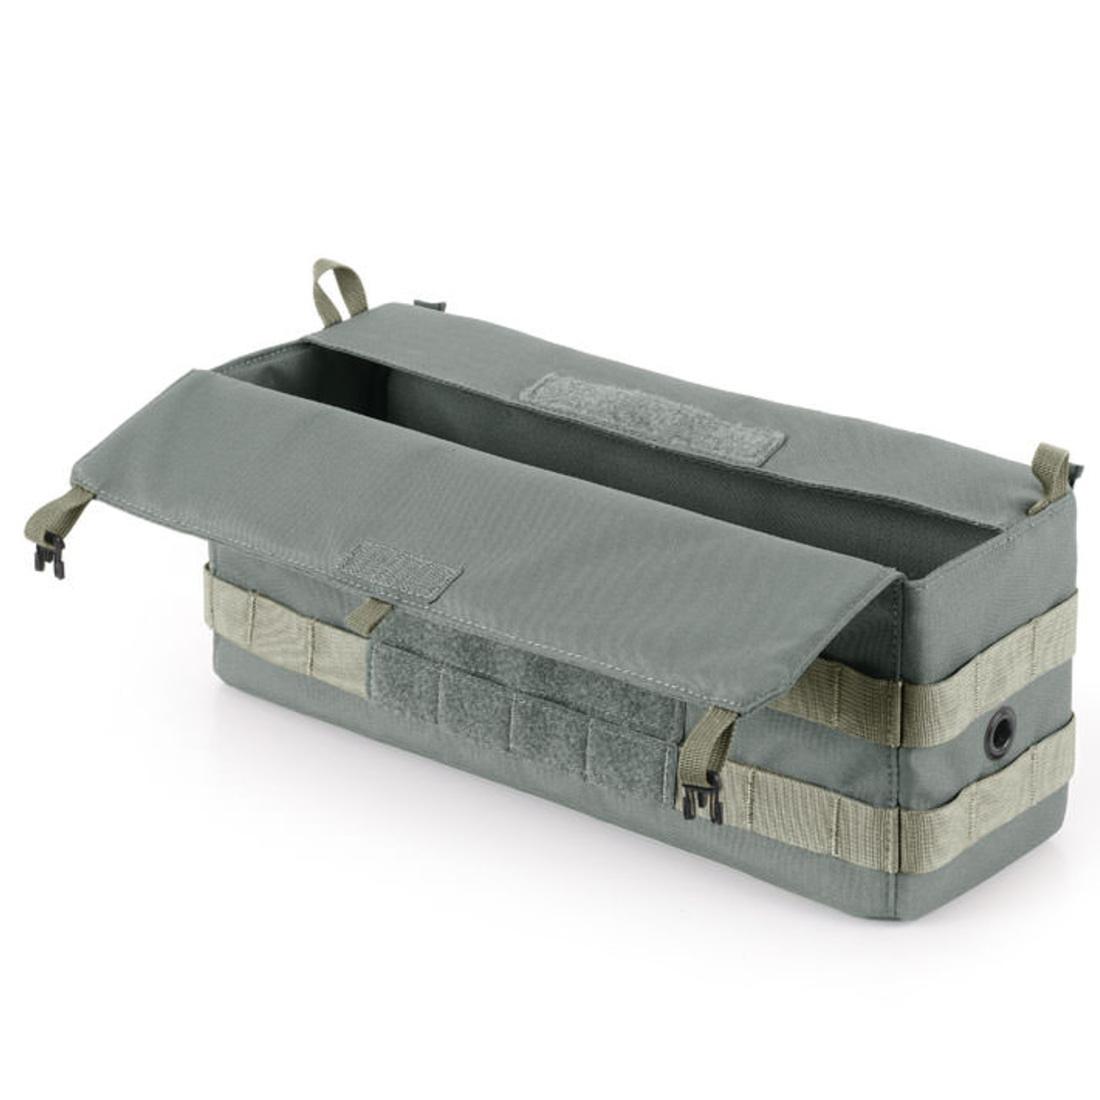 ヘリノックス タクティカルテーブル サイドストレージ S チェアオプション  国内正規品